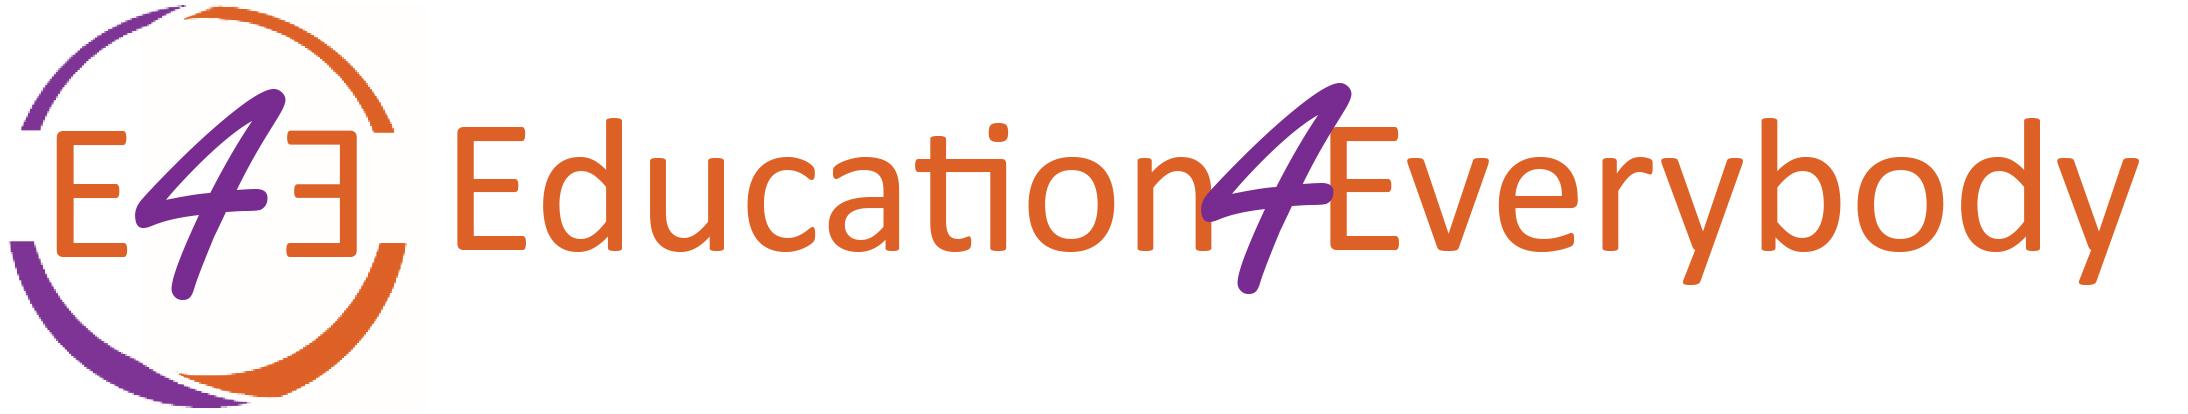 E4E - education 4 everybody